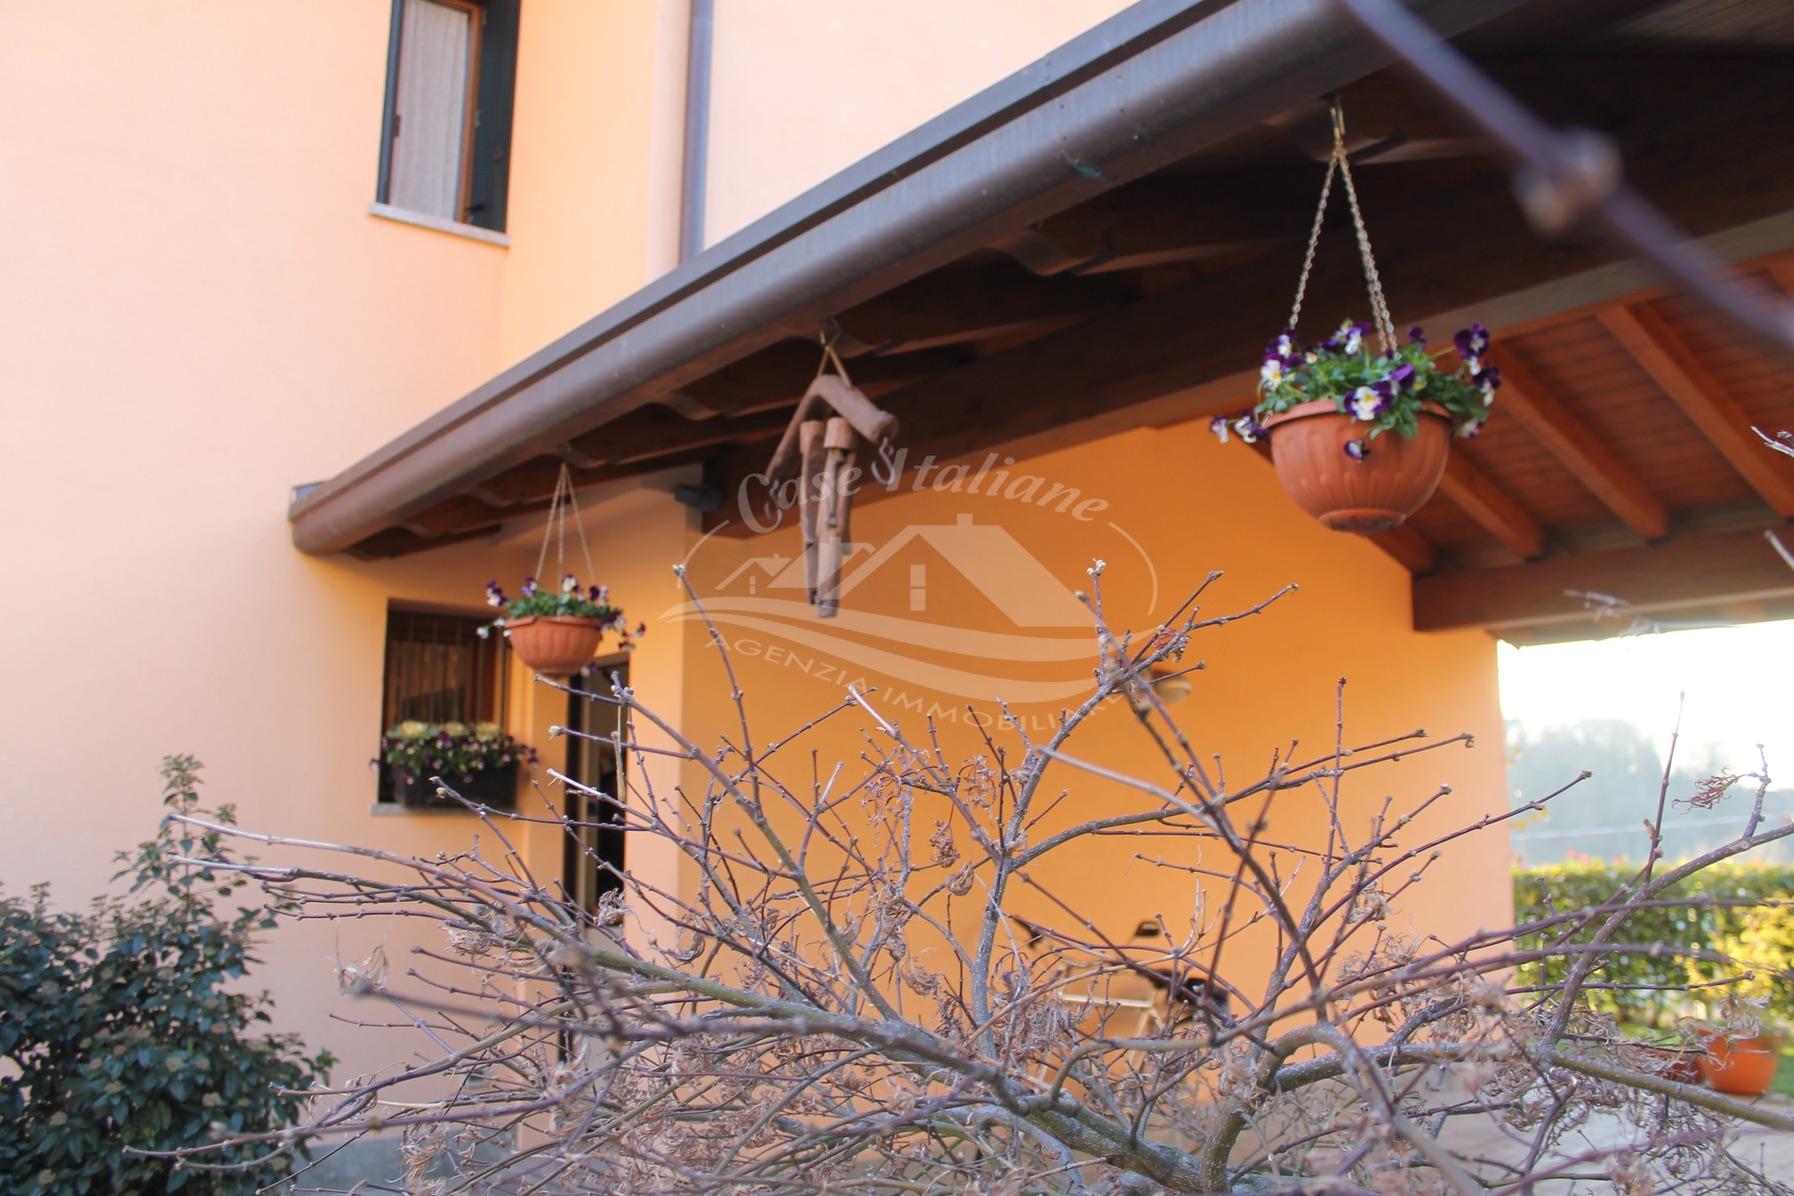 Img 9762 case italiane agenzia immobiliare cant for Case italiane immobiliare